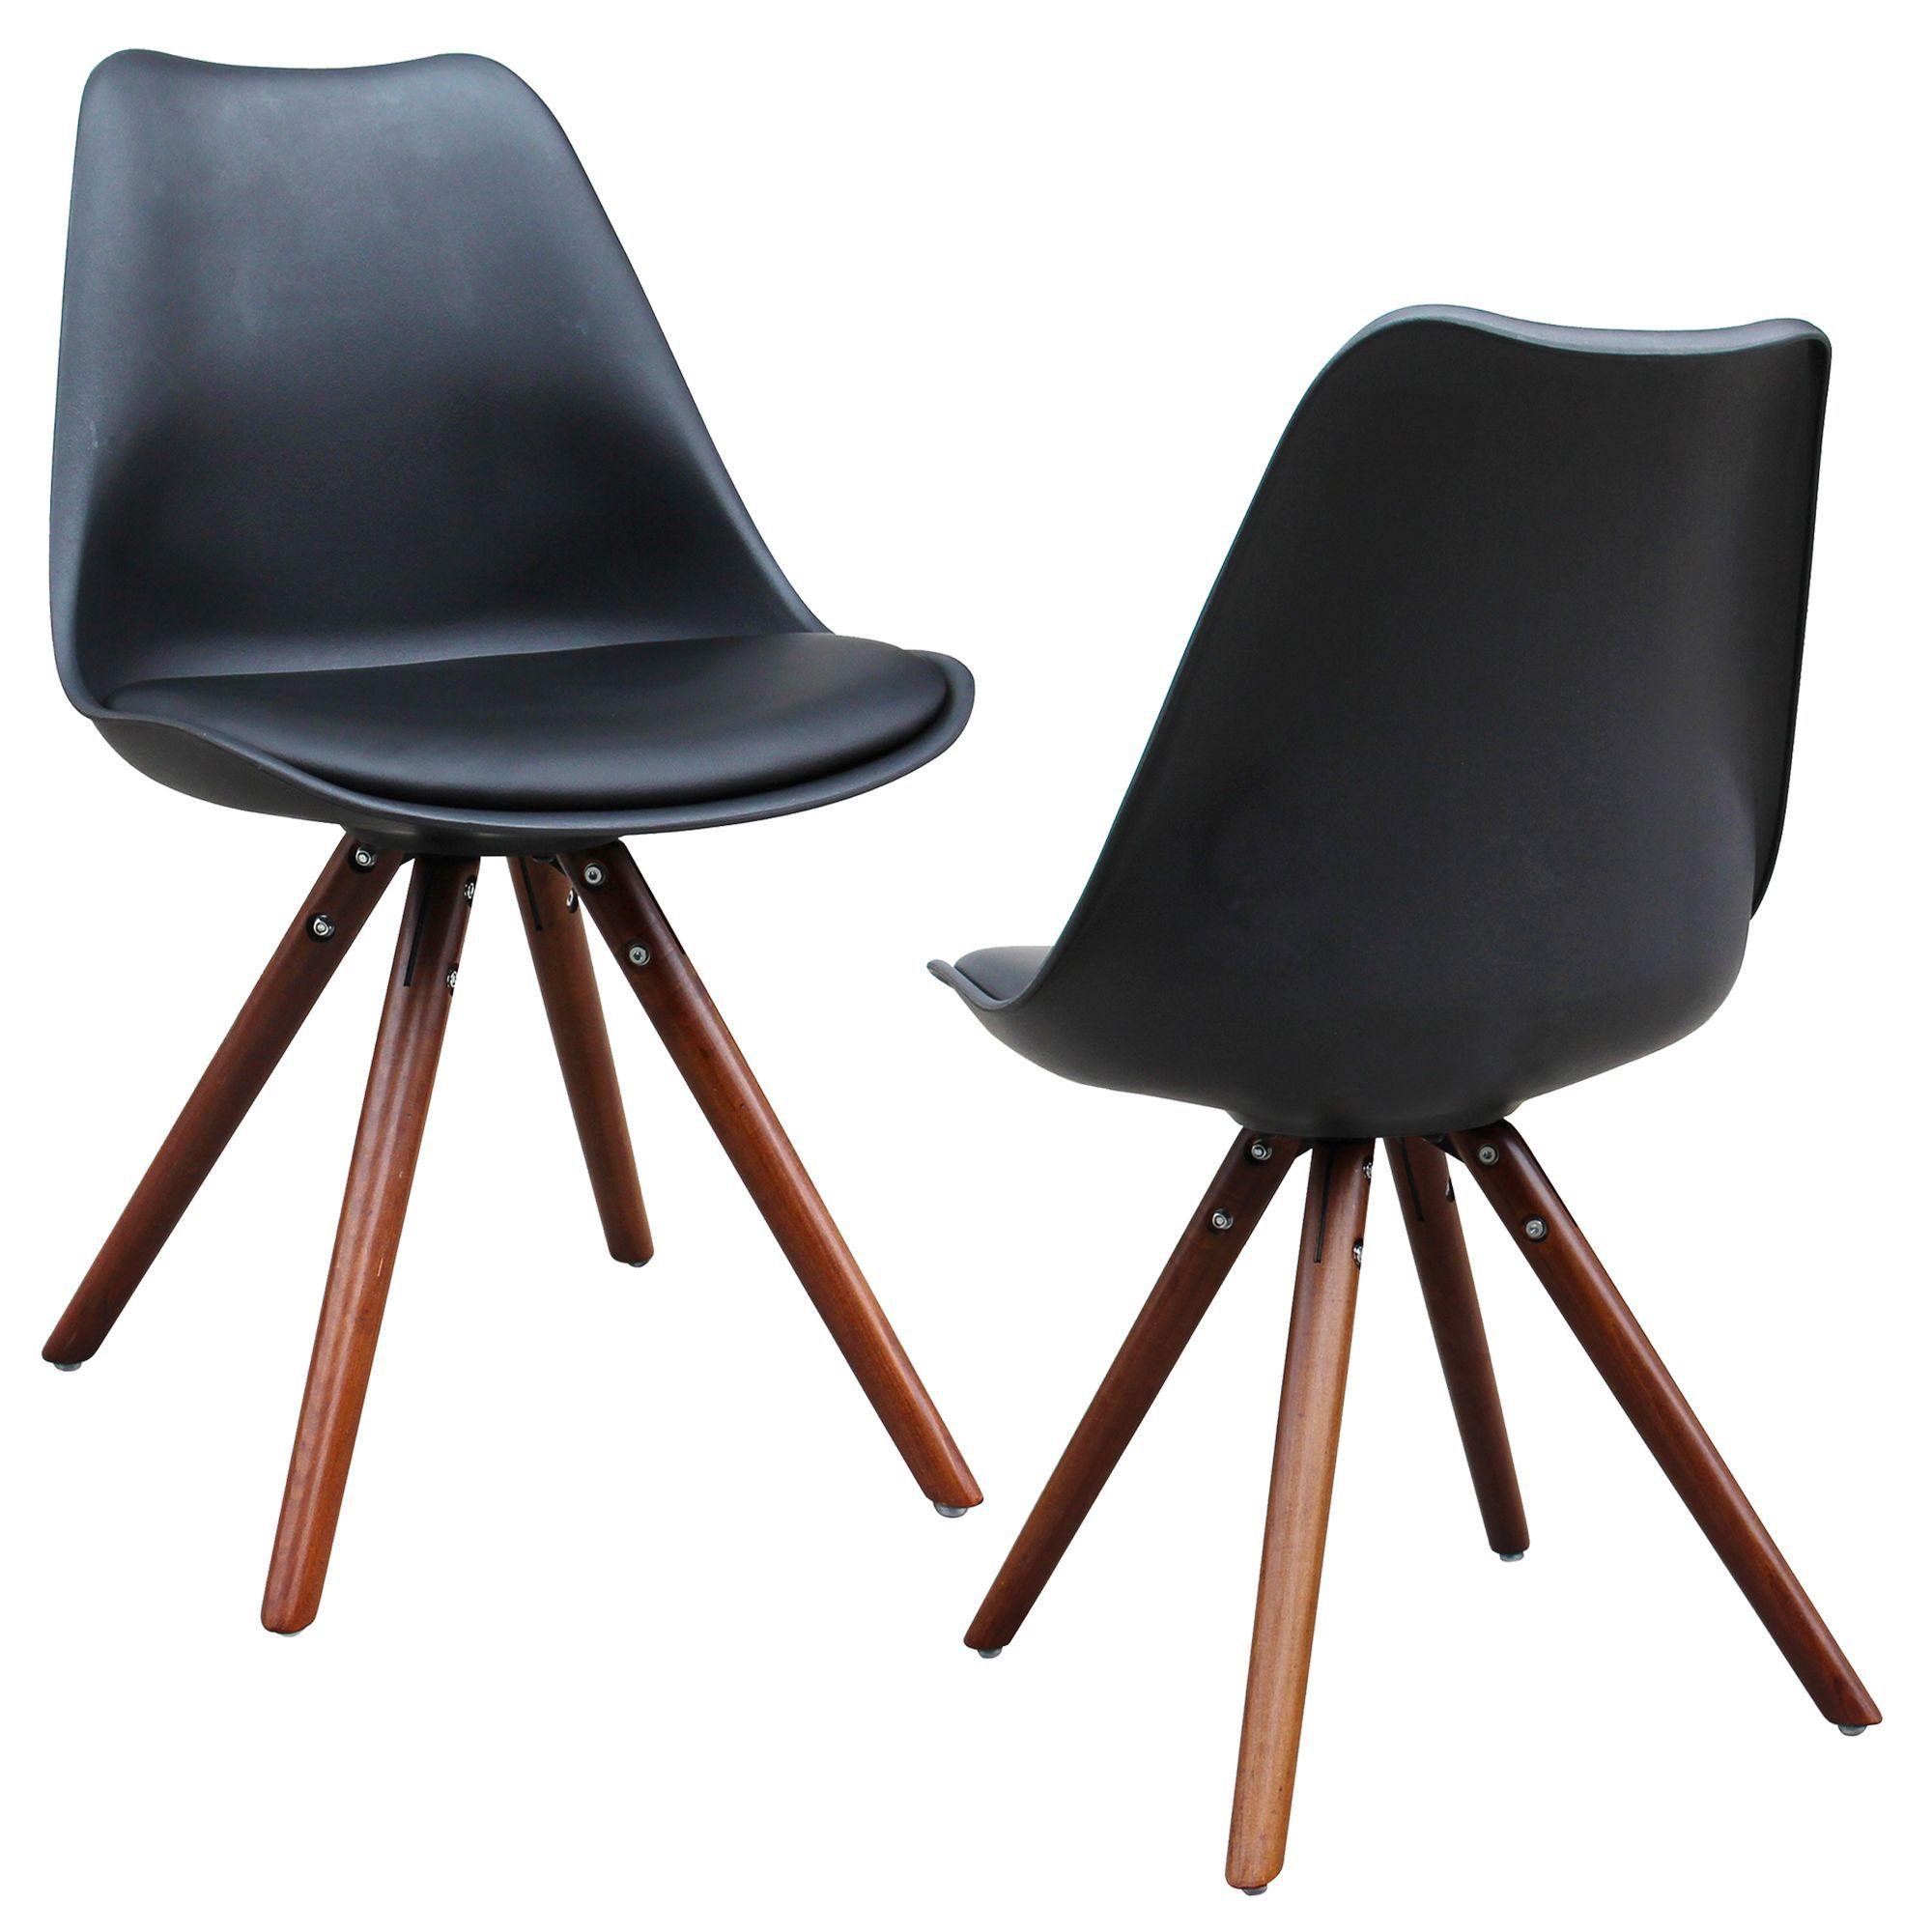 Worldwide Klein Mid Century Modern Faux Leather Accent Chairs (Set Of 2)  (Klein Set Of 2 Accent Chairs   Black) (ABS)